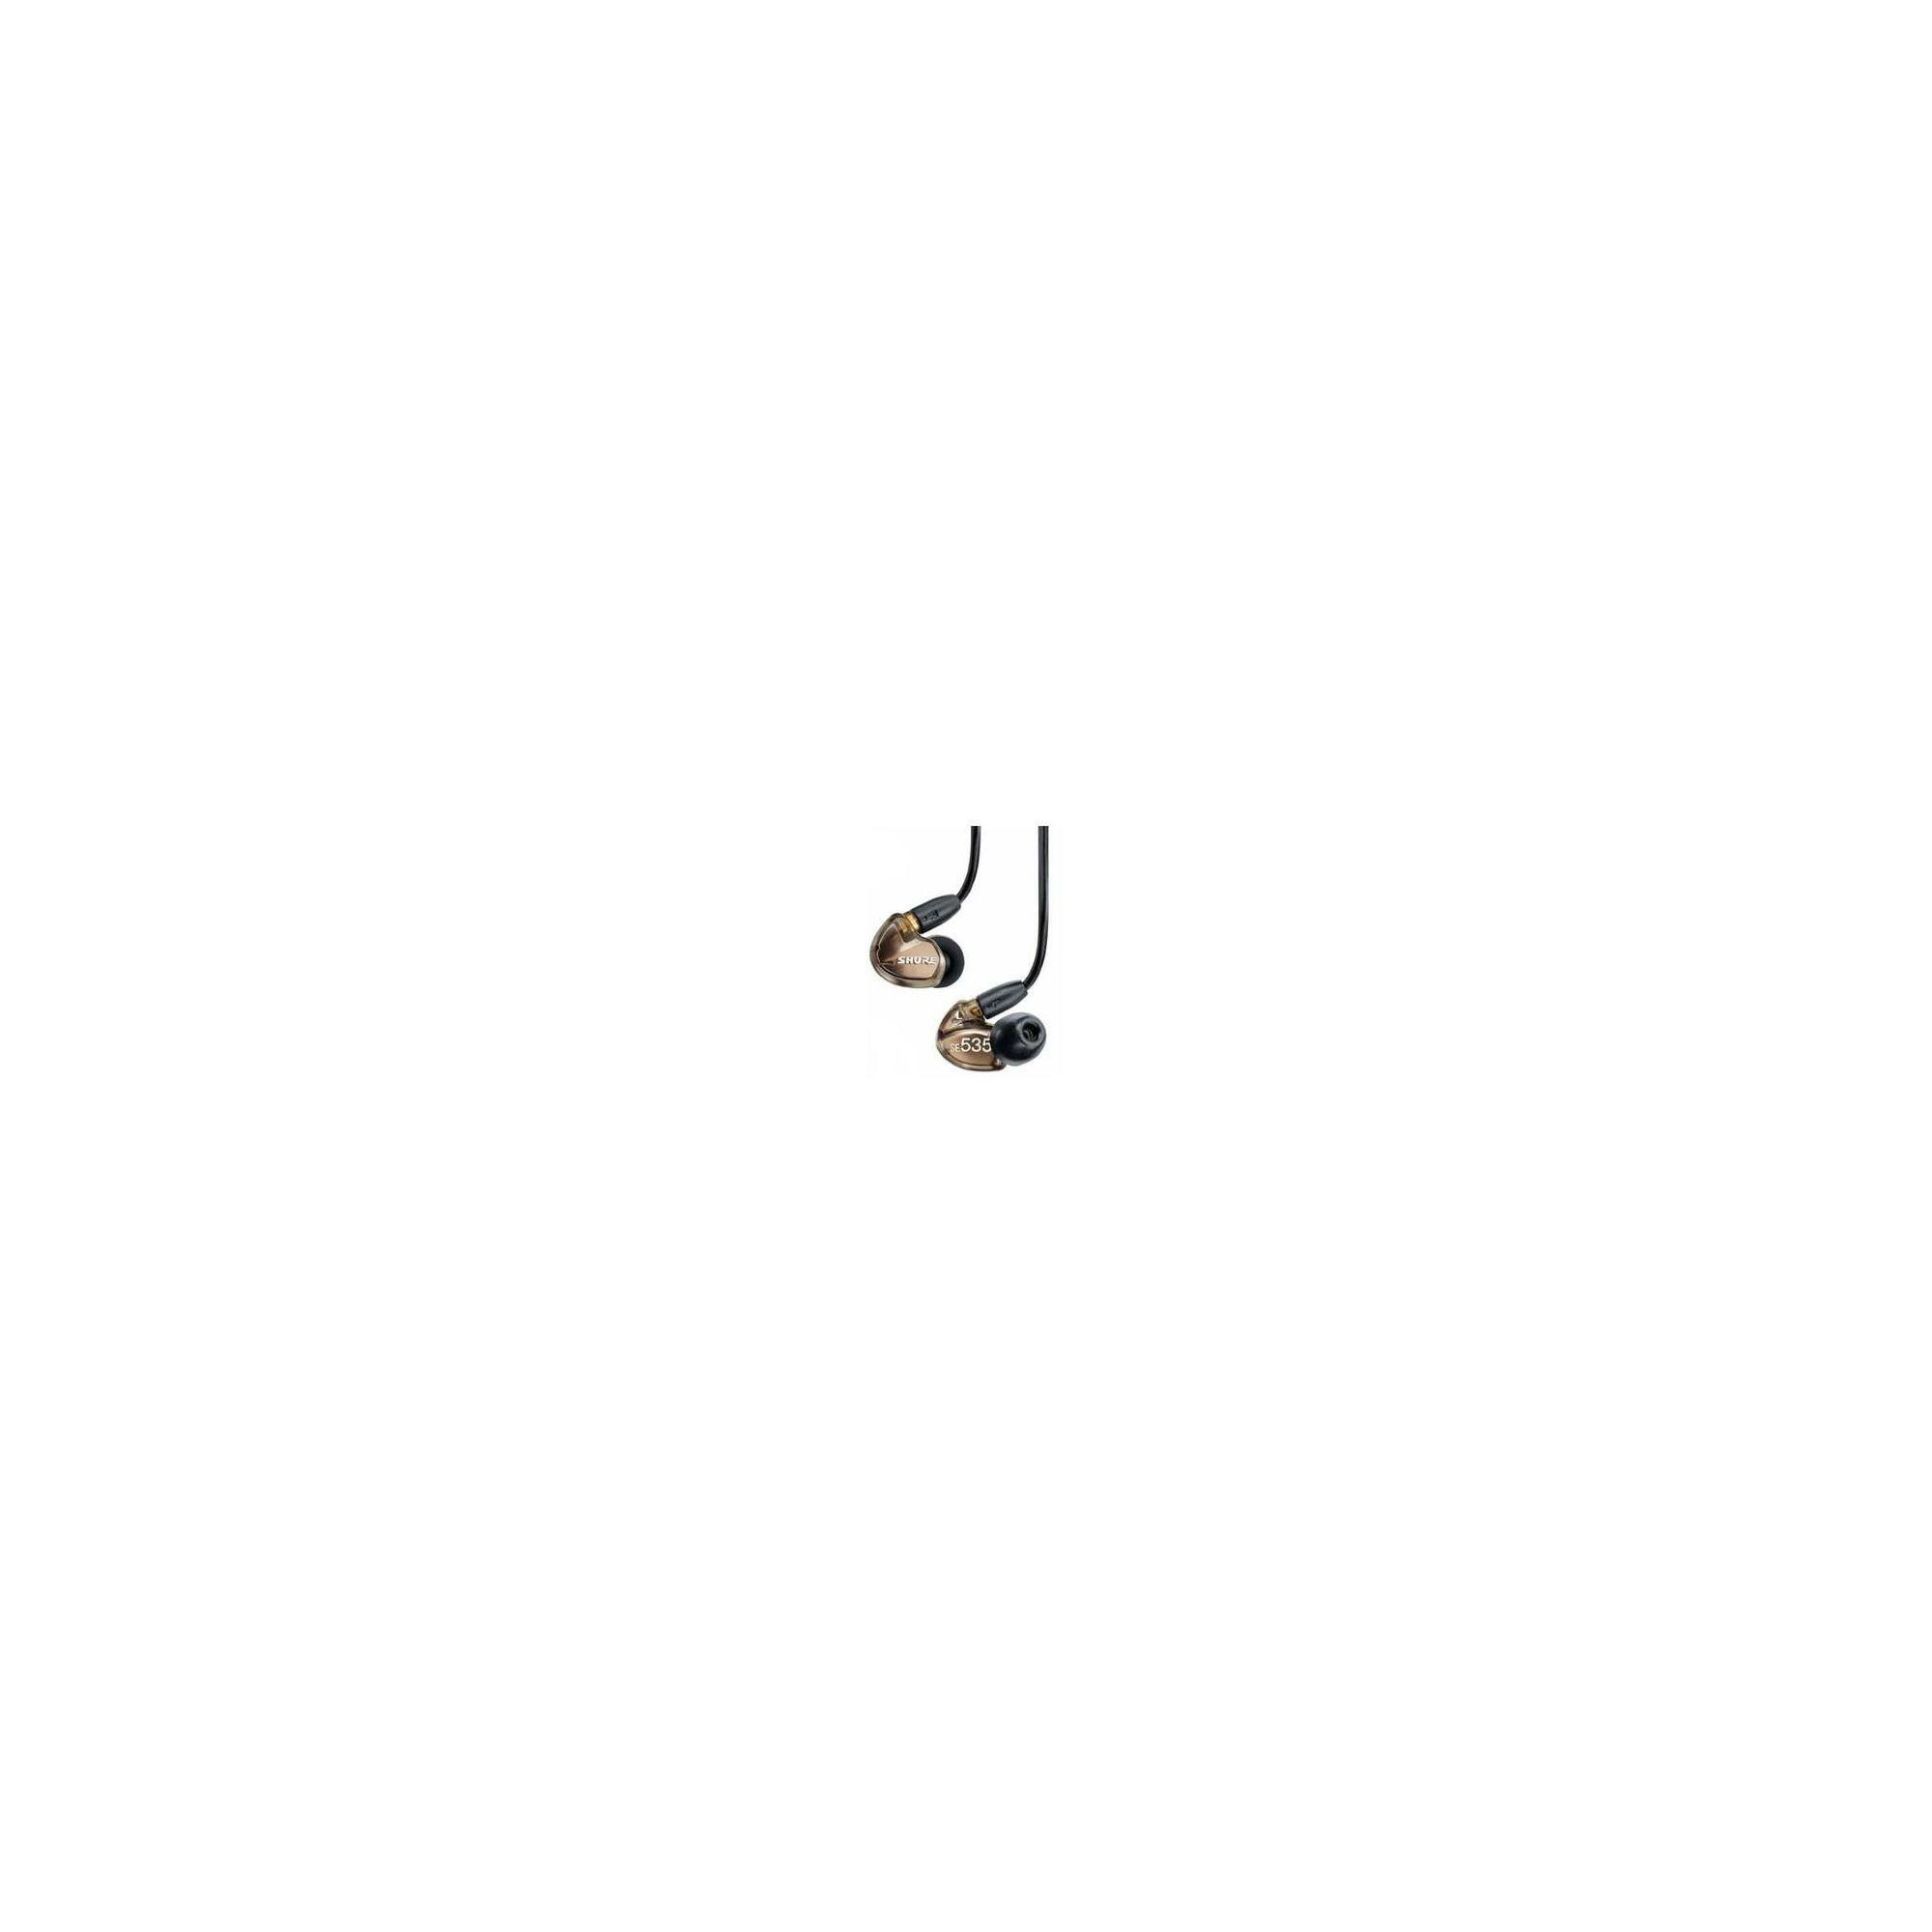 Shure Se535 Earphones In-ear at Tesco Direct